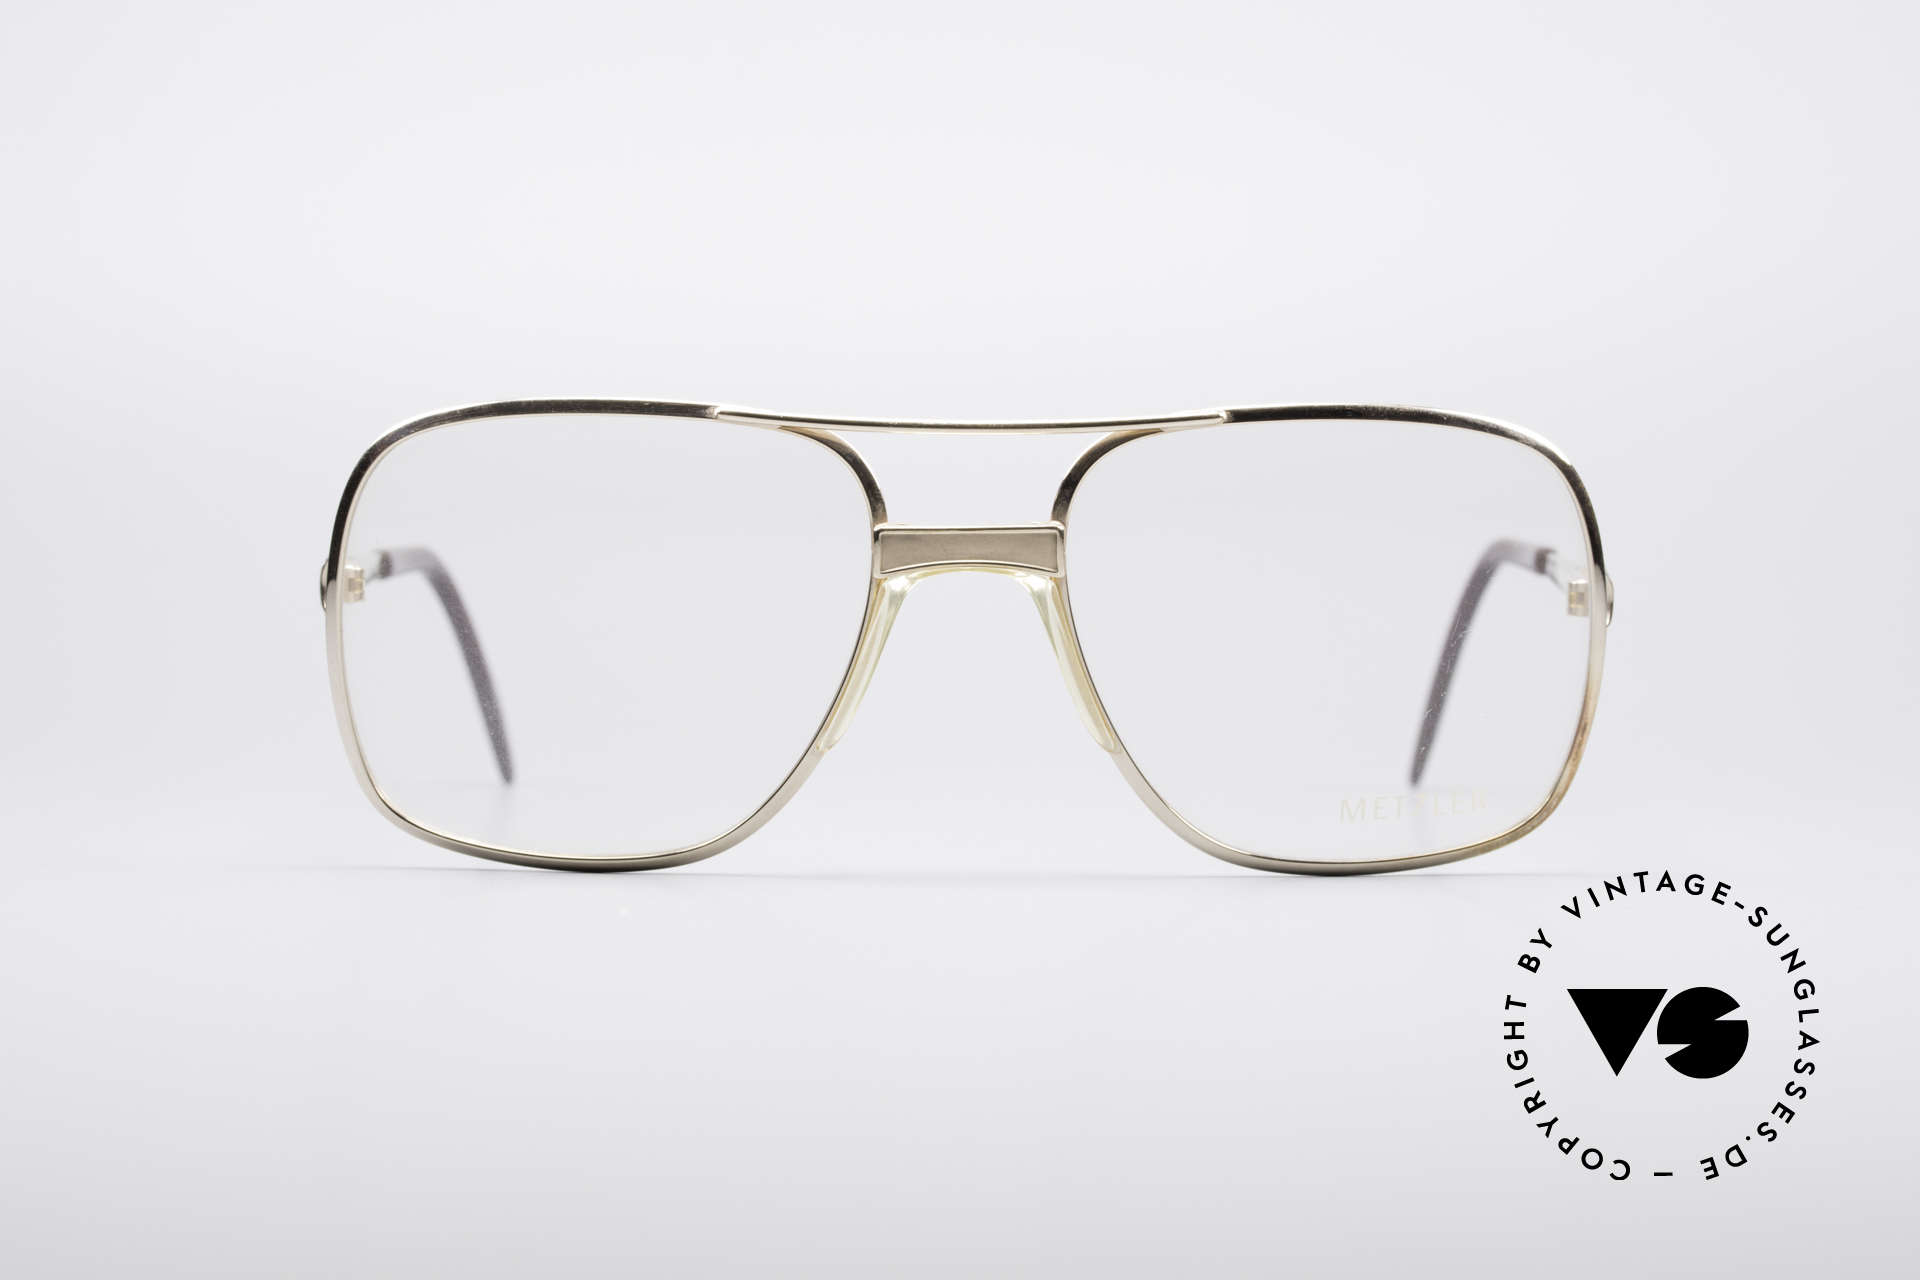 Brillen Metzler 0772 Helmut Kohl Vintage Brille   Vintage Sunglasses